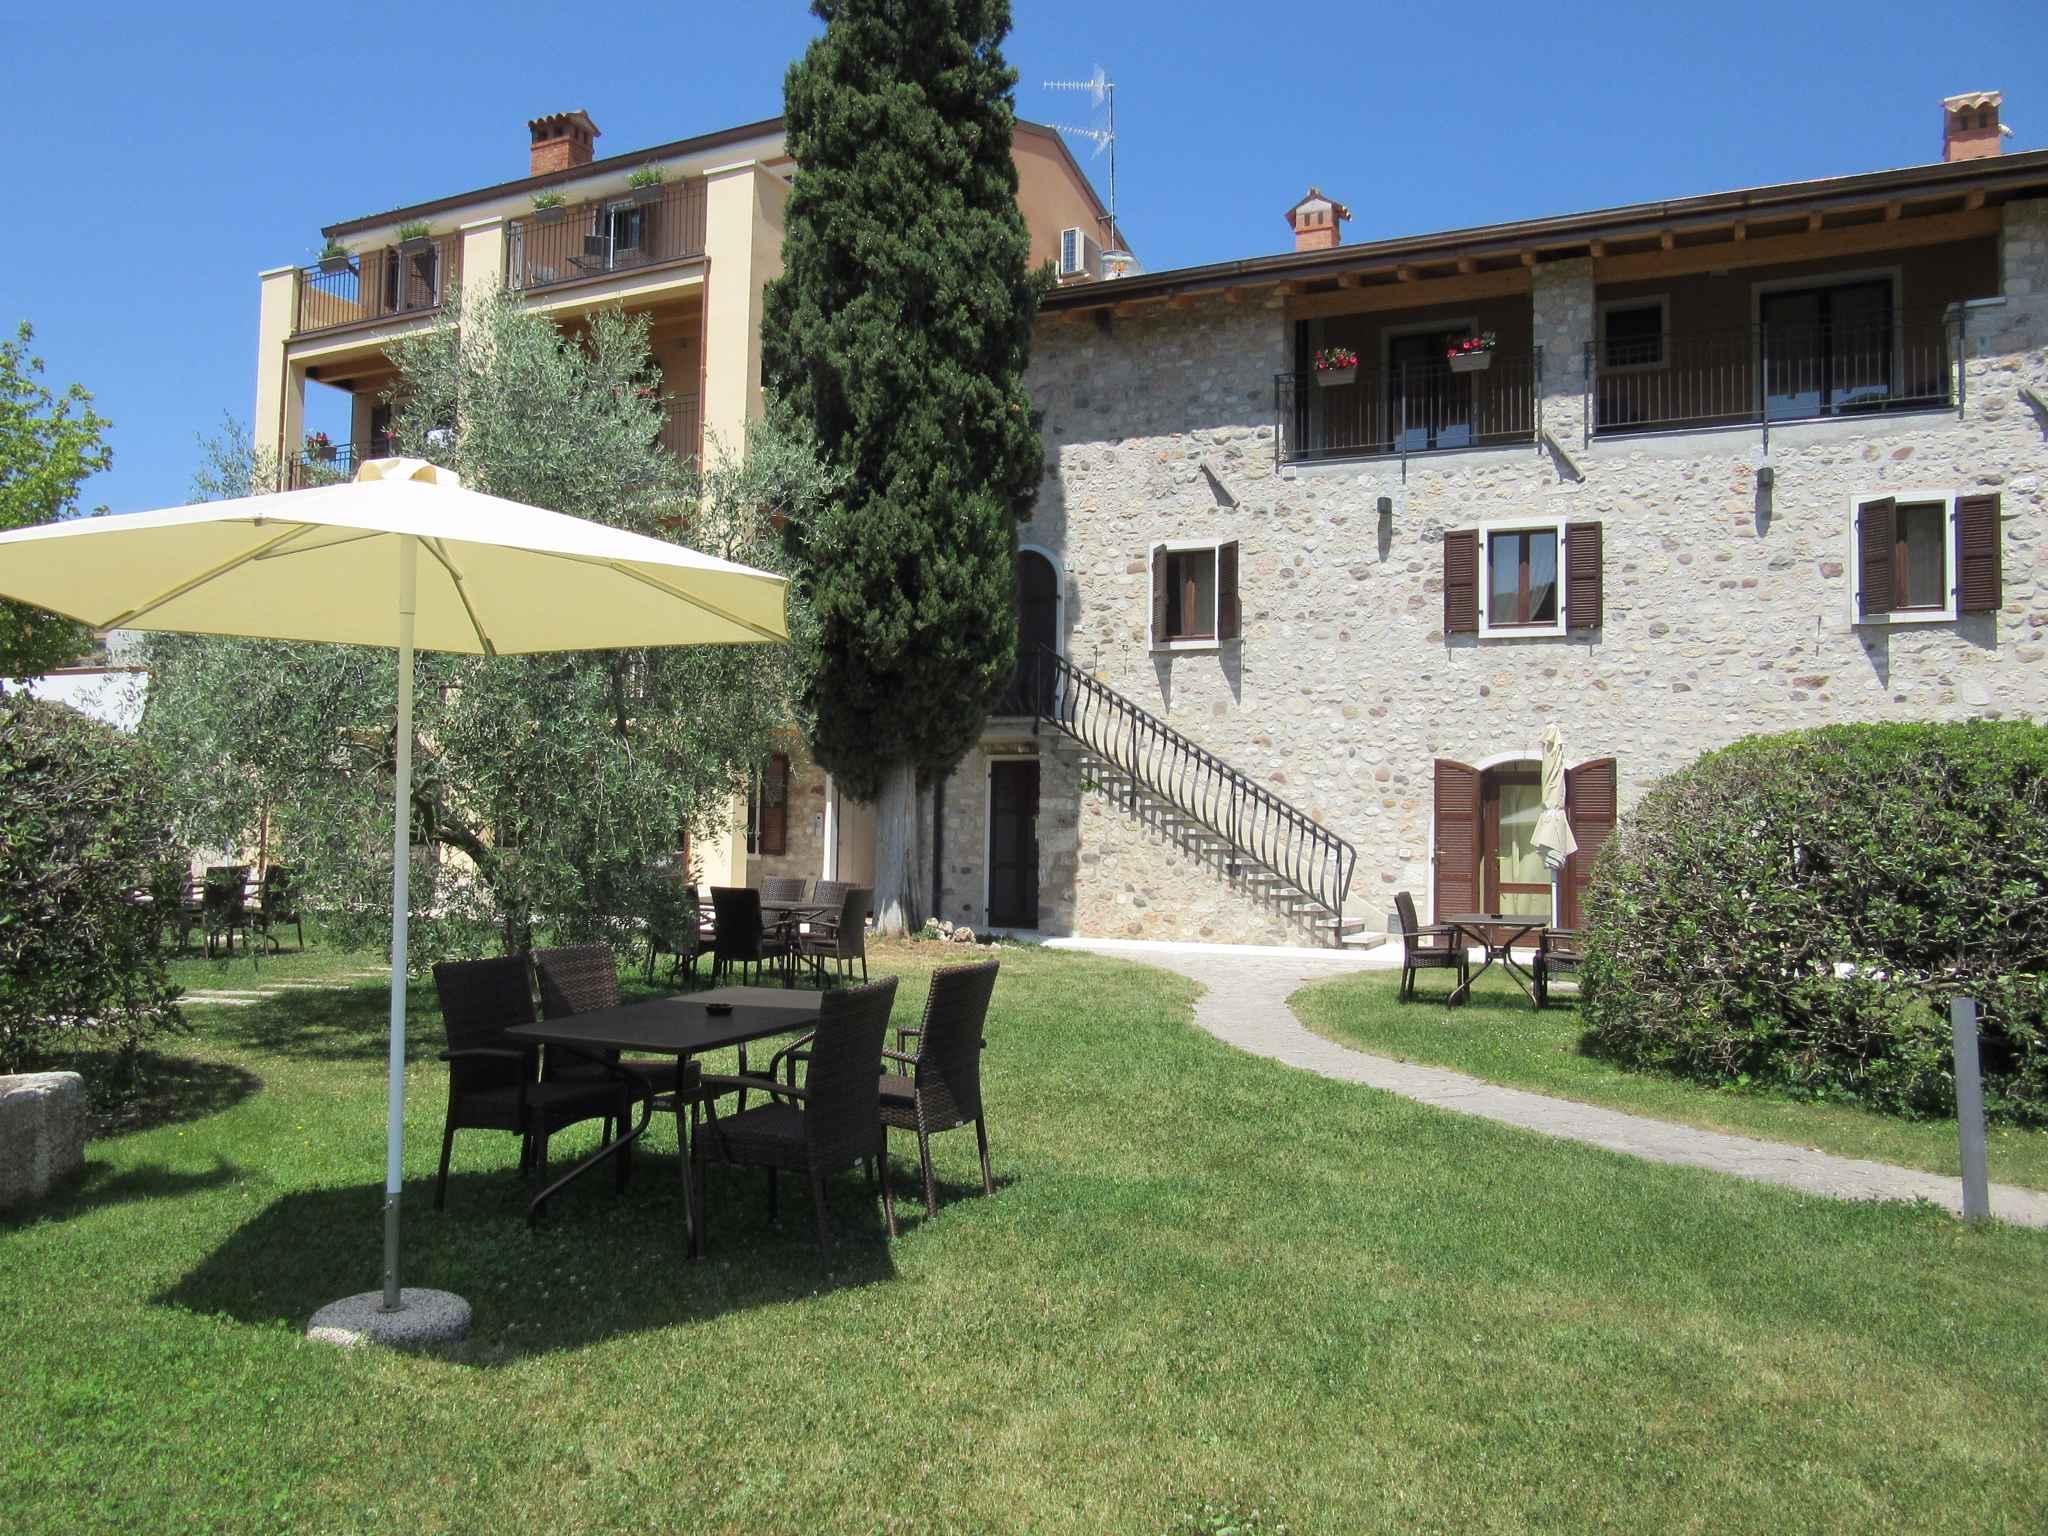 Ferienwohnung Residenz Rustico (279540), Garda, Gardasee, Venetien, Italien, Bild 11